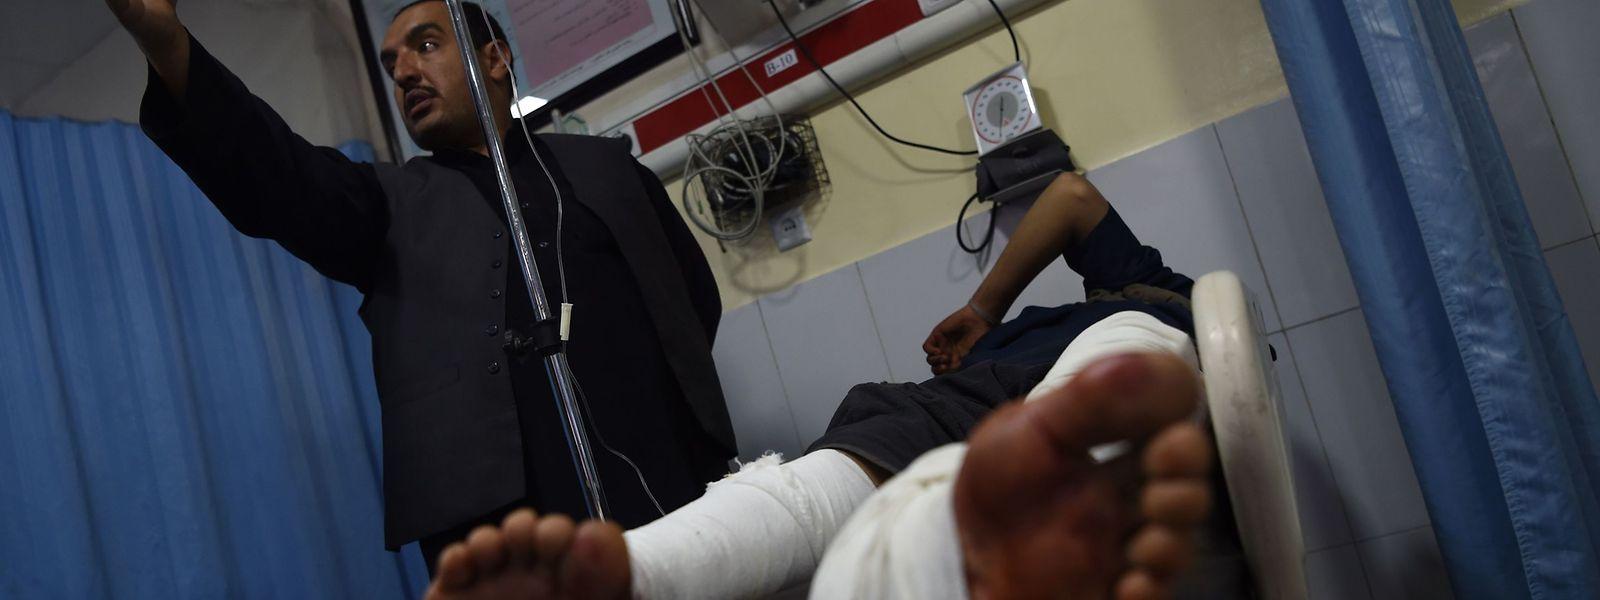 Viele Menschen wurden bei dem Anschlag verletzt.